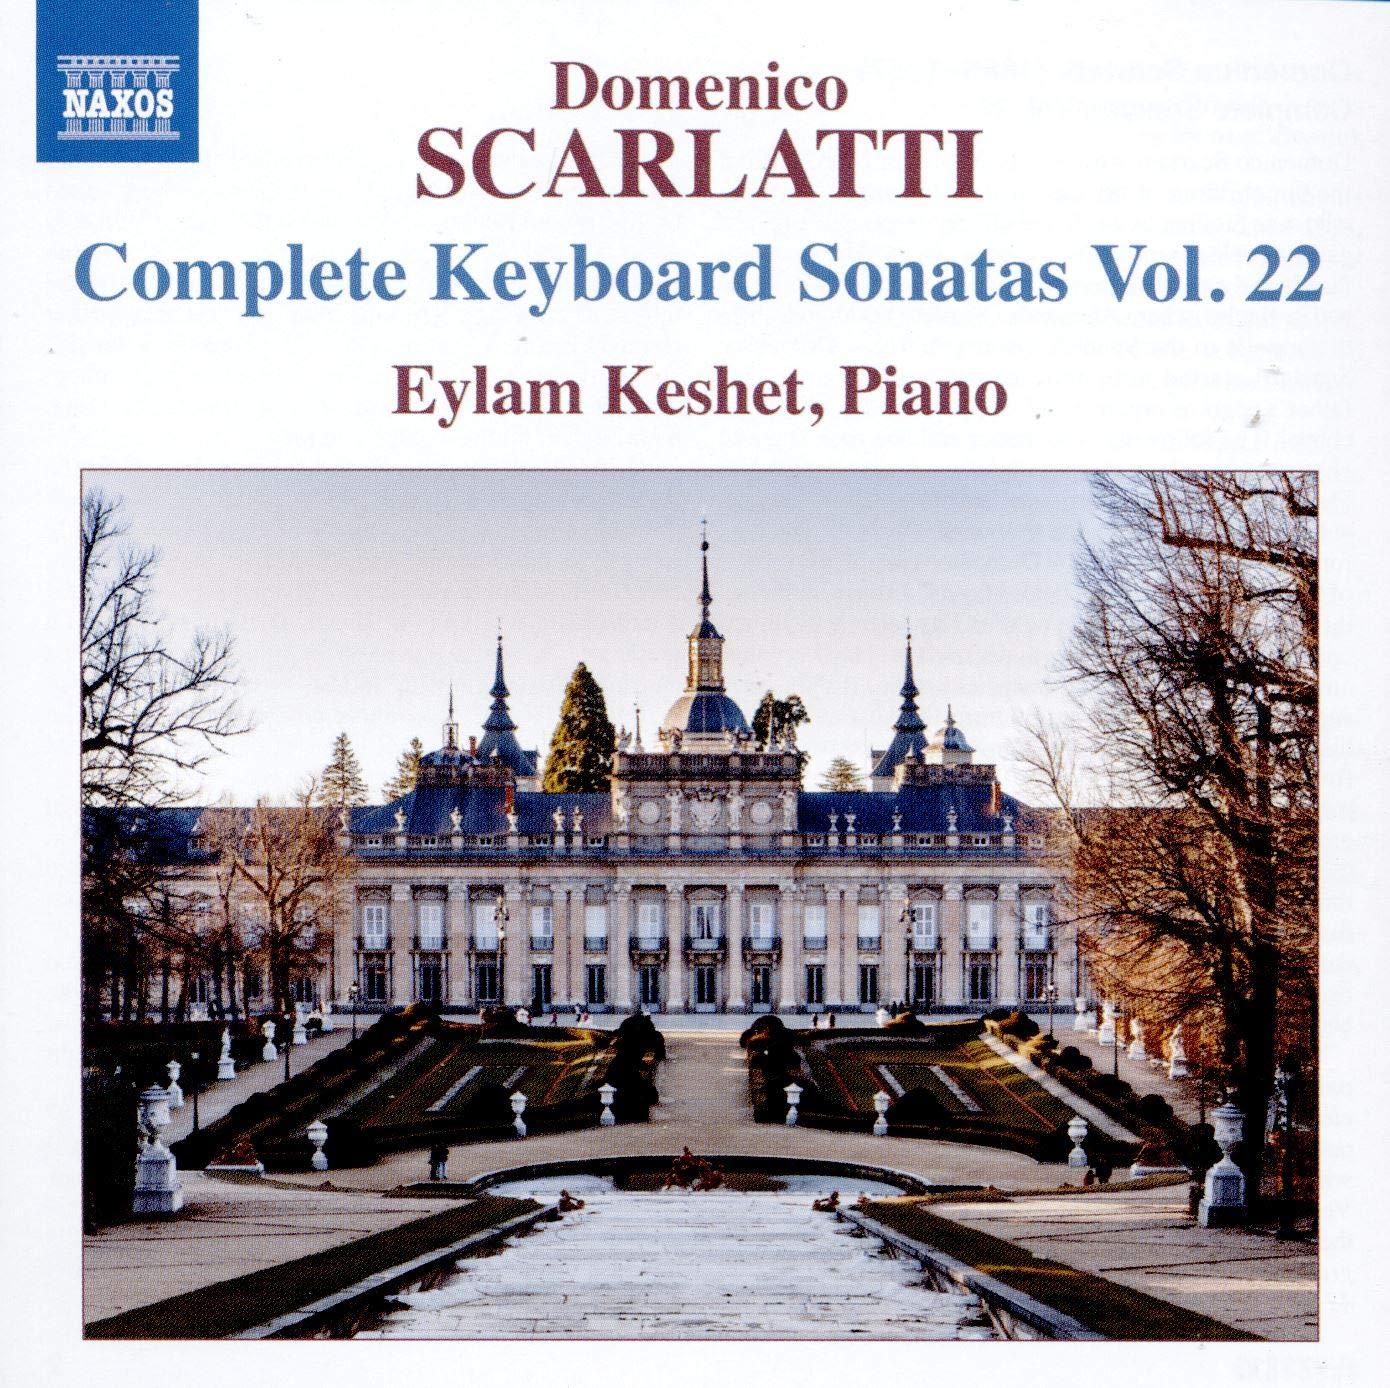 Scarlatti, D.: Sonatas completas para teclado (vol. 22)